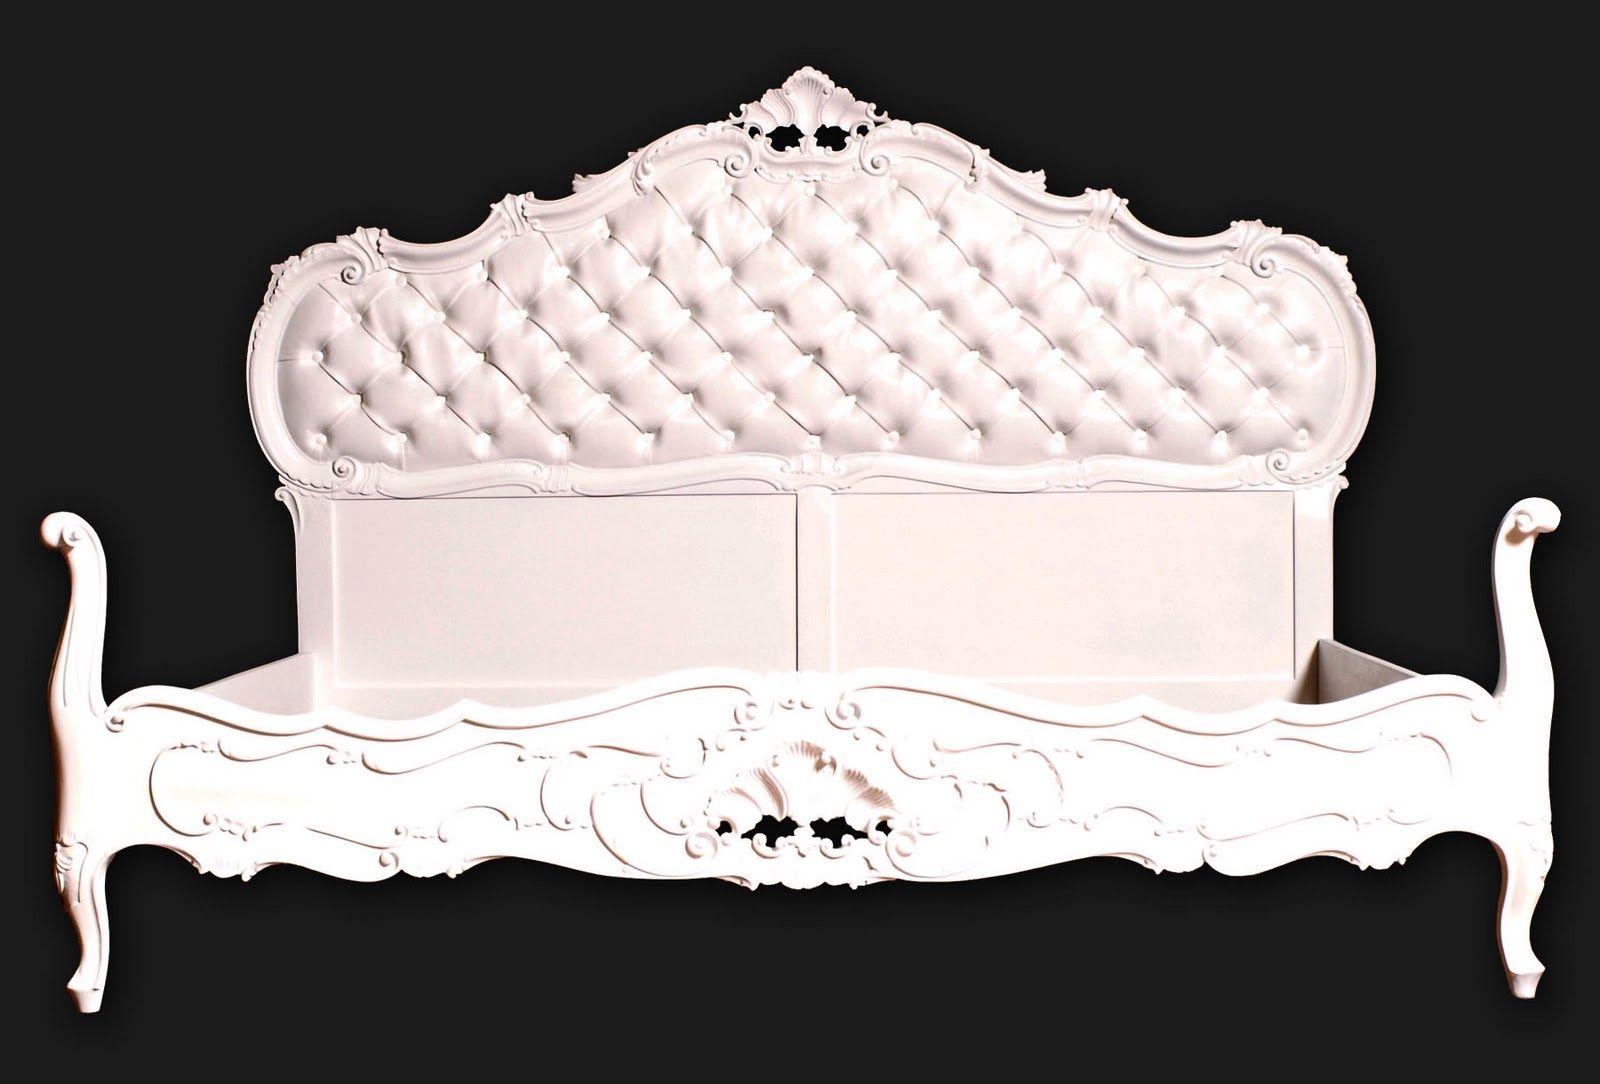 Design e moda nello stile barocco maggio 2011 - Letto barocco moderno ...